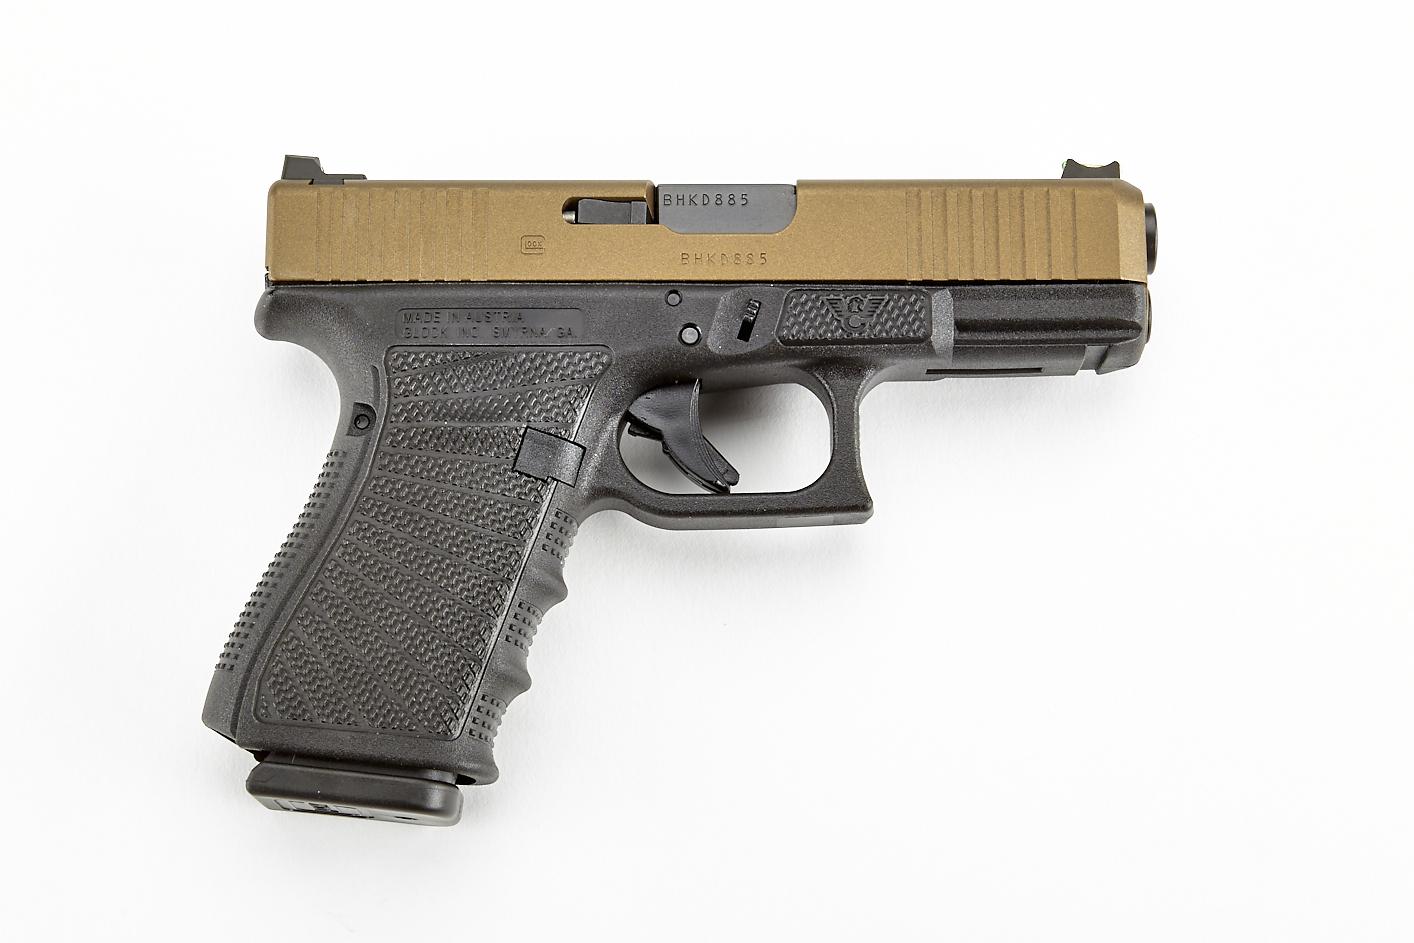 Glock 19 GEN 4, 9mm, Burnt Bronze/Black-https://shopwilsoncombat.com/